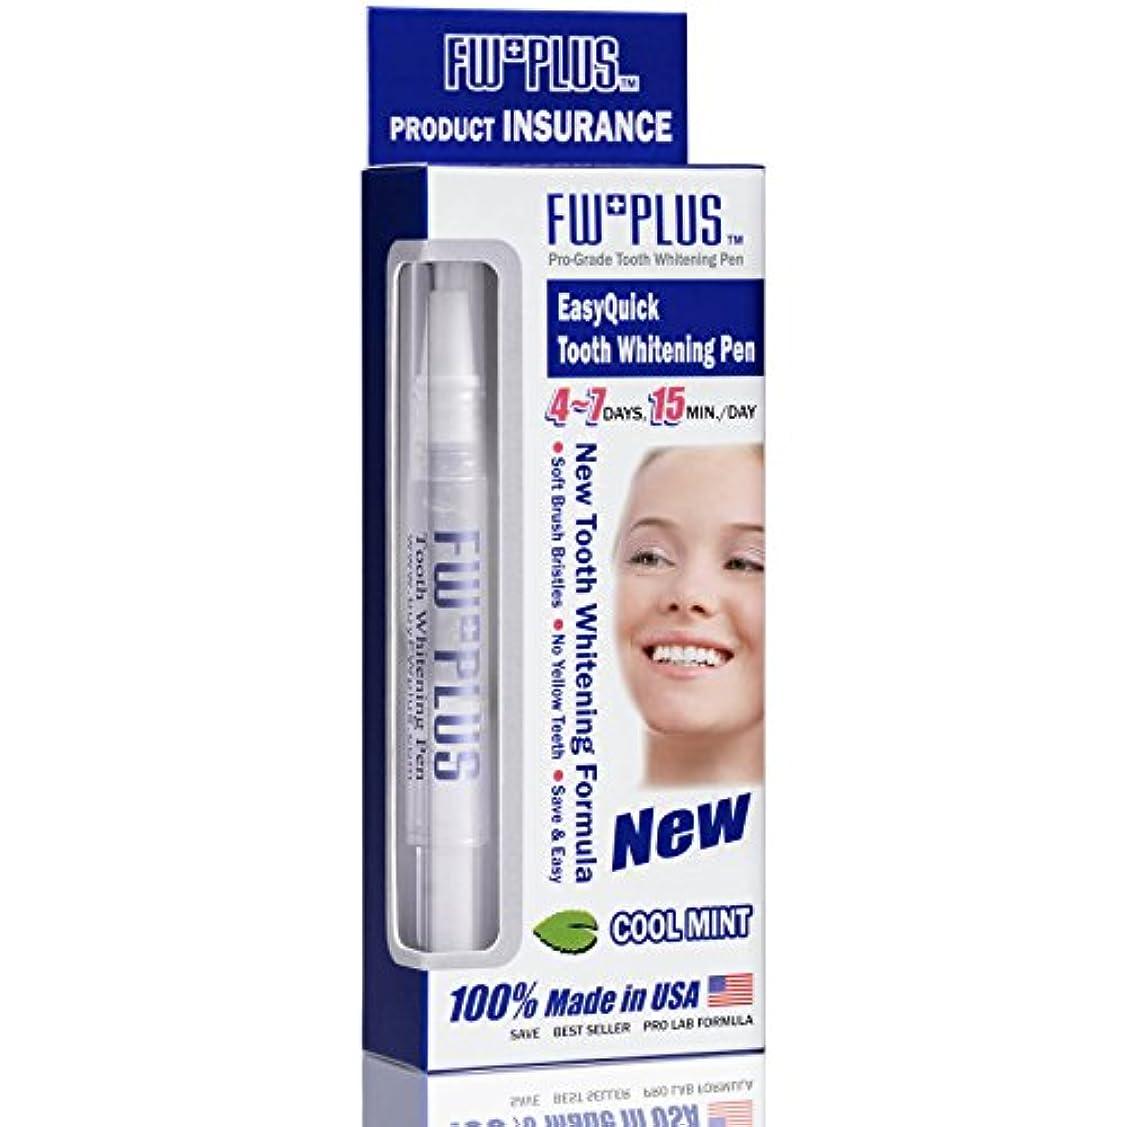 歯車市の花むしゃむしゃFW+PLUS菲斯華 歯を白くする 簡単即効ホーム歯ホワイトニングペン 歯ホワイトニング 人気 歯ホワイトニング ジェル